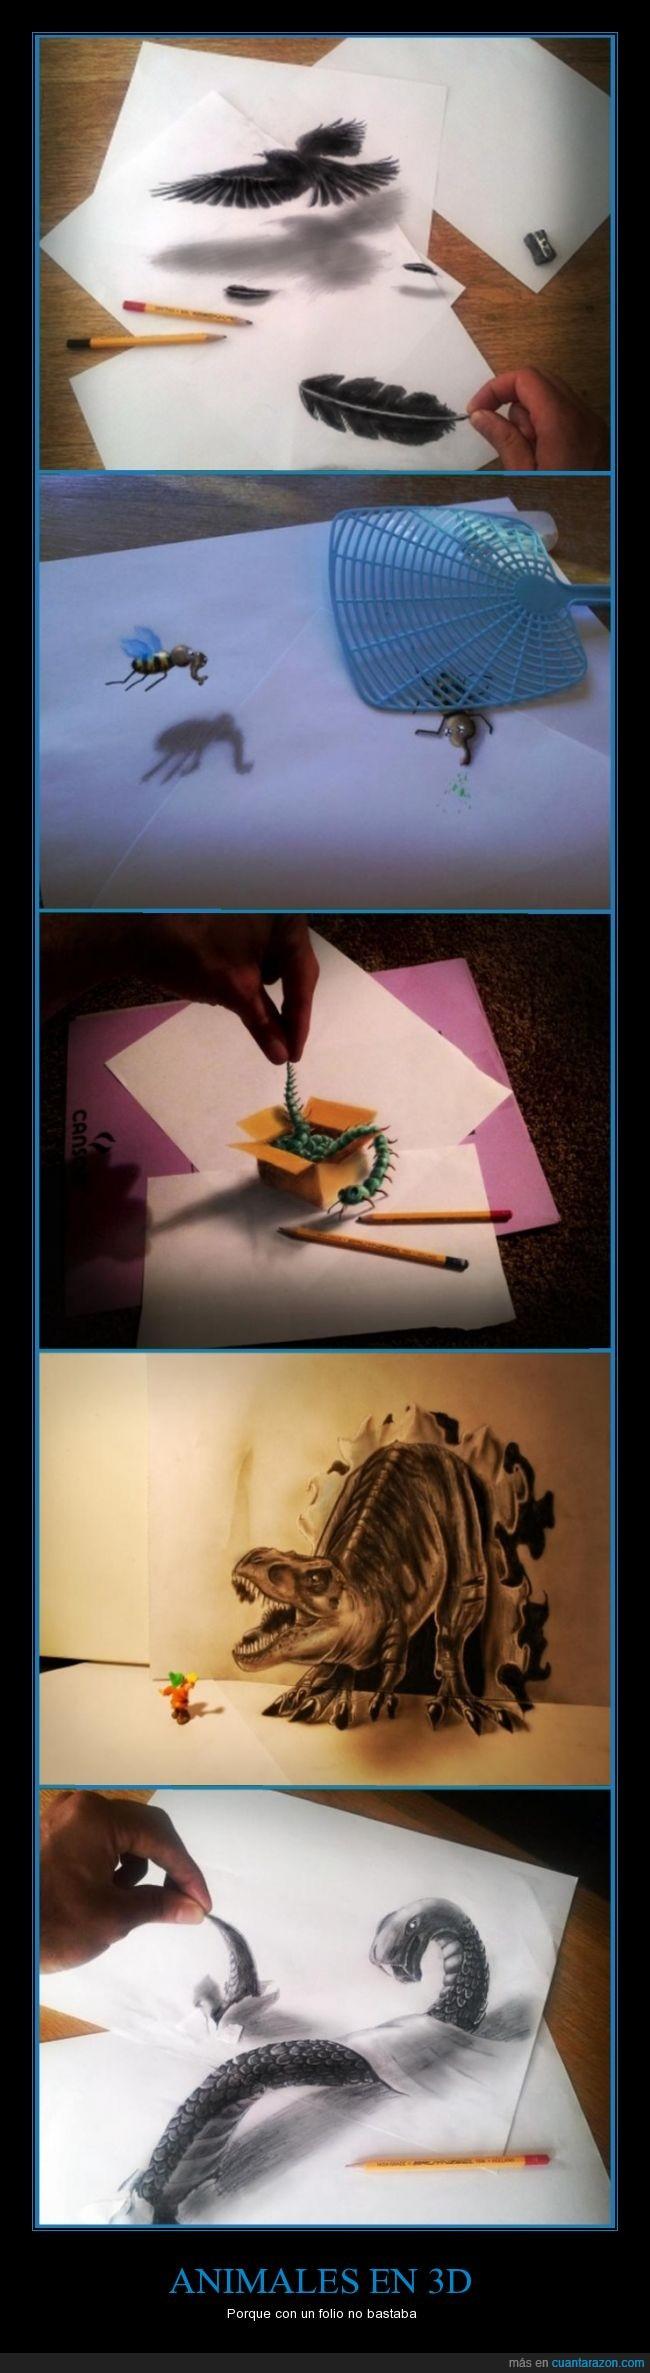 águila,animales,cienpiés,dibujo,dinosaurio,folio,mosquito,papel,serpiente